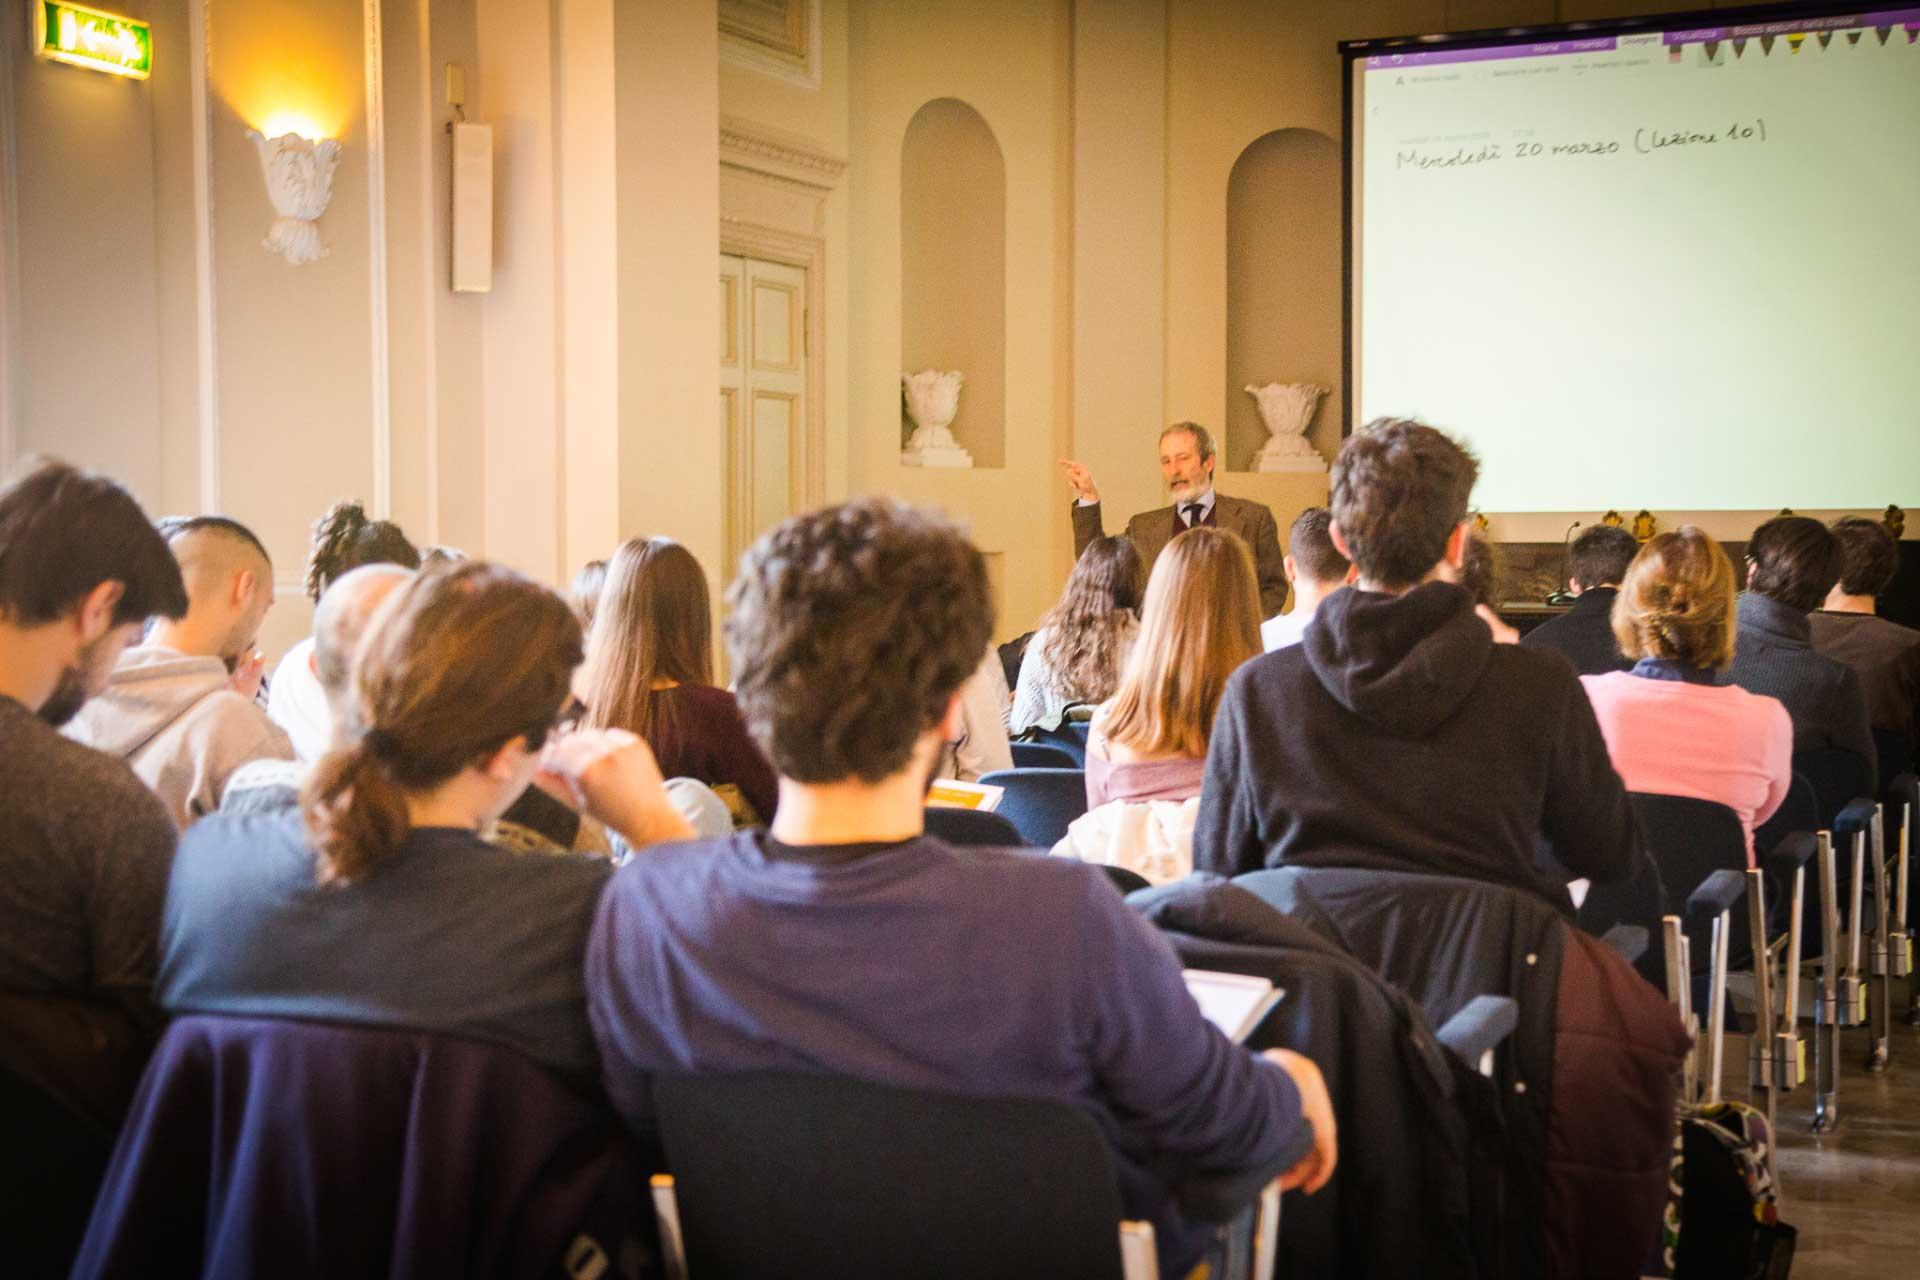 Up Mantova - Come si implementa un modello strutturale di lavoro agile in azienda 22/10/2020